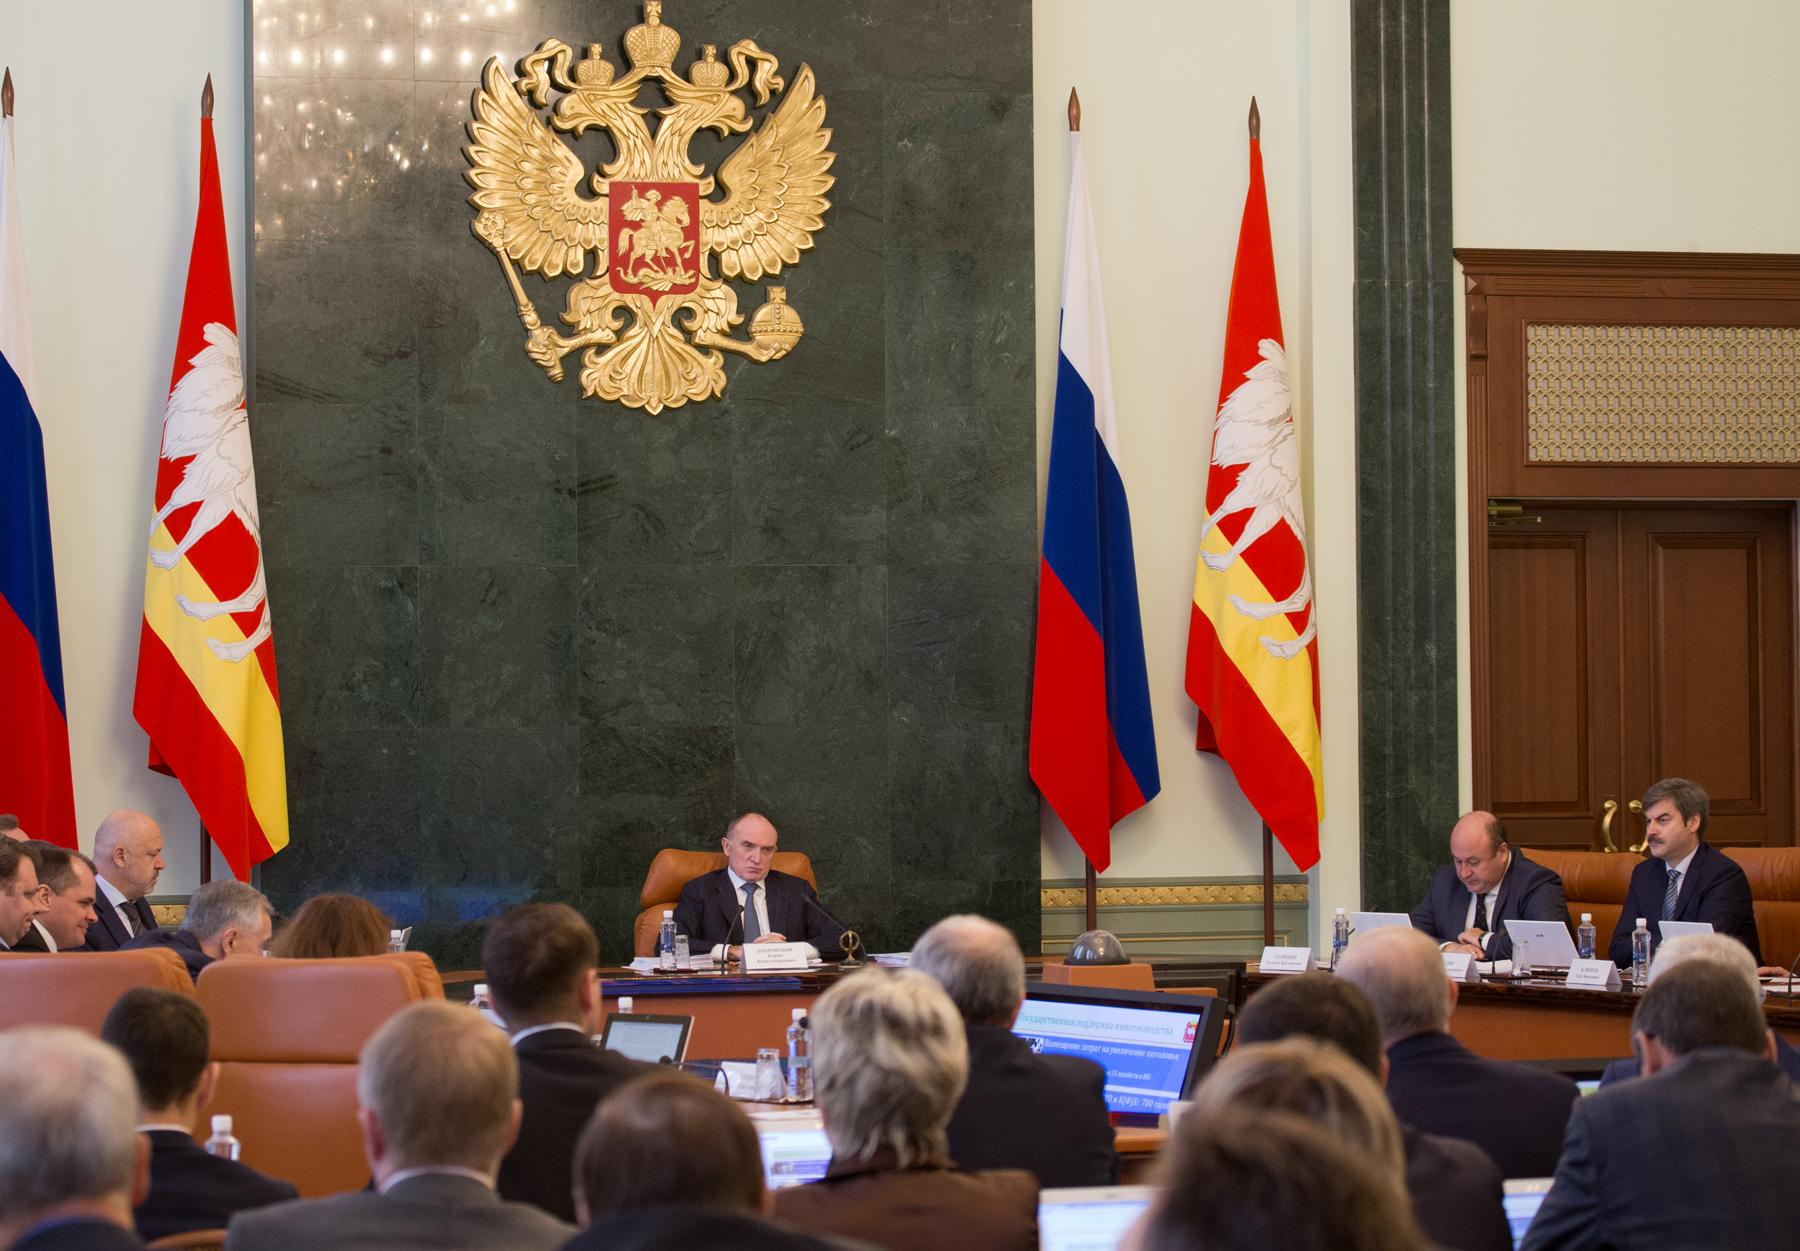 Правительство Челябинской области утвердило проект регионального бюджета на 2019 год и на плановы